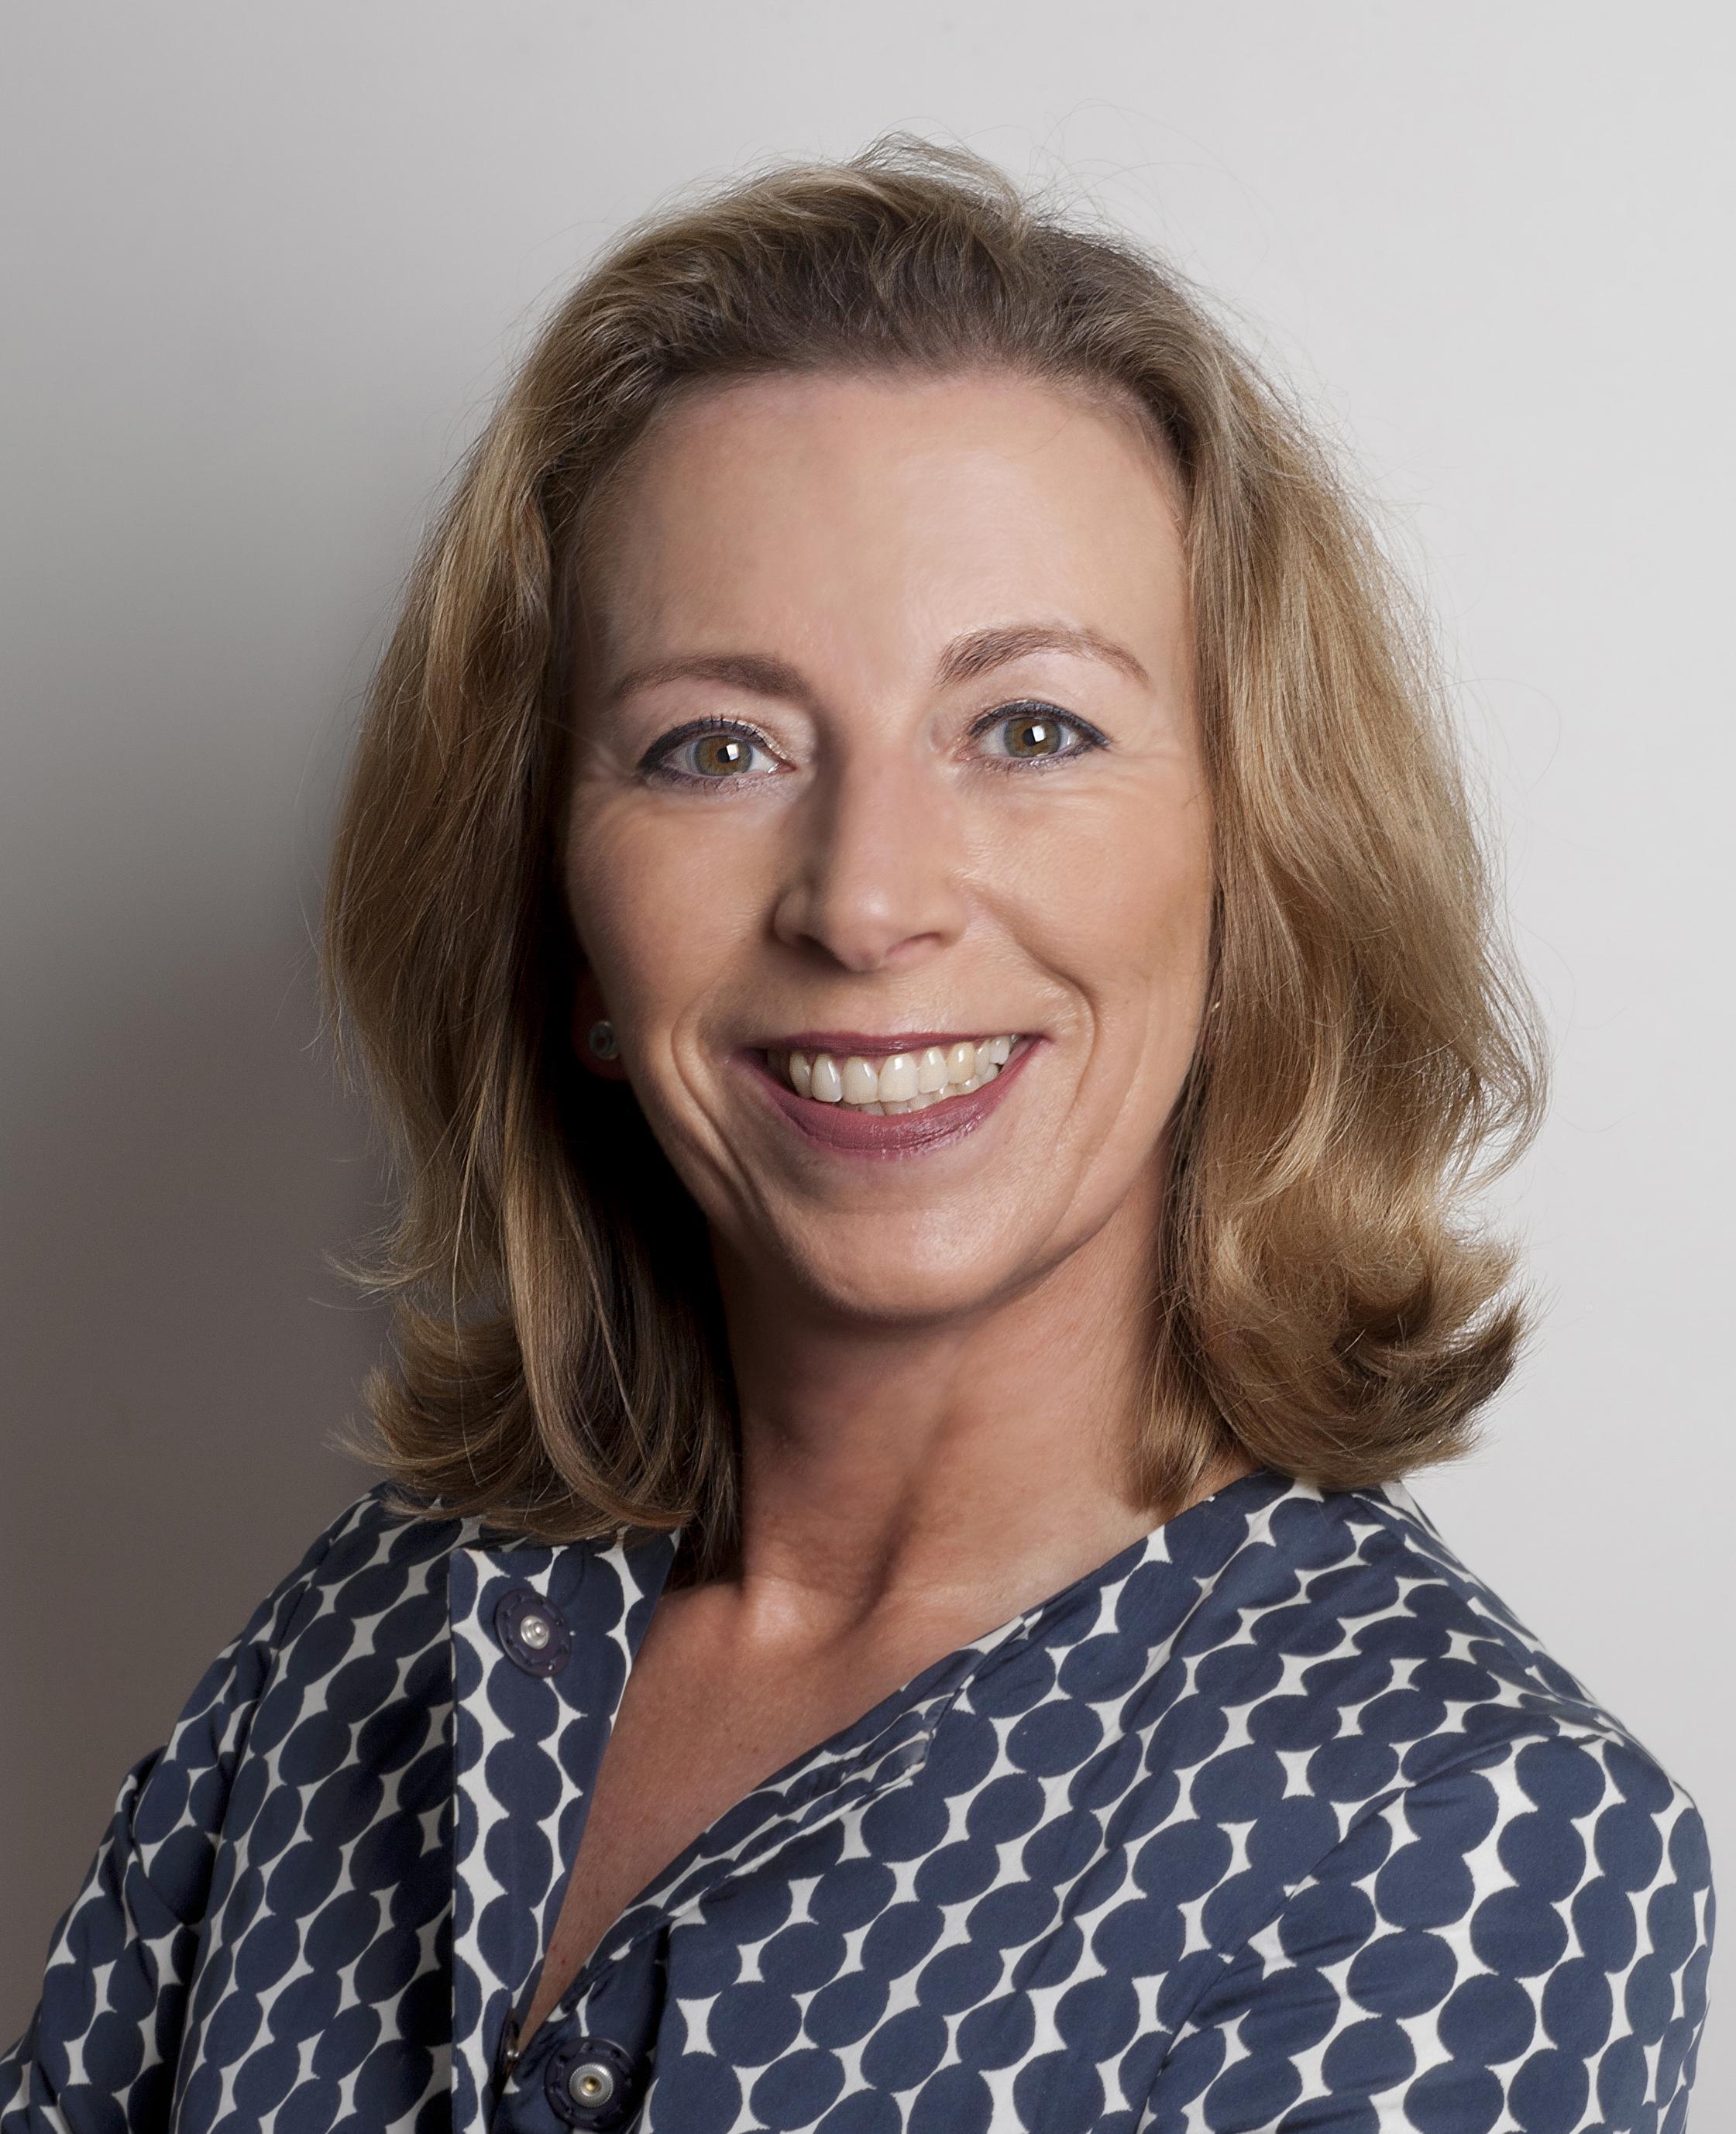 Stefanie Knecht